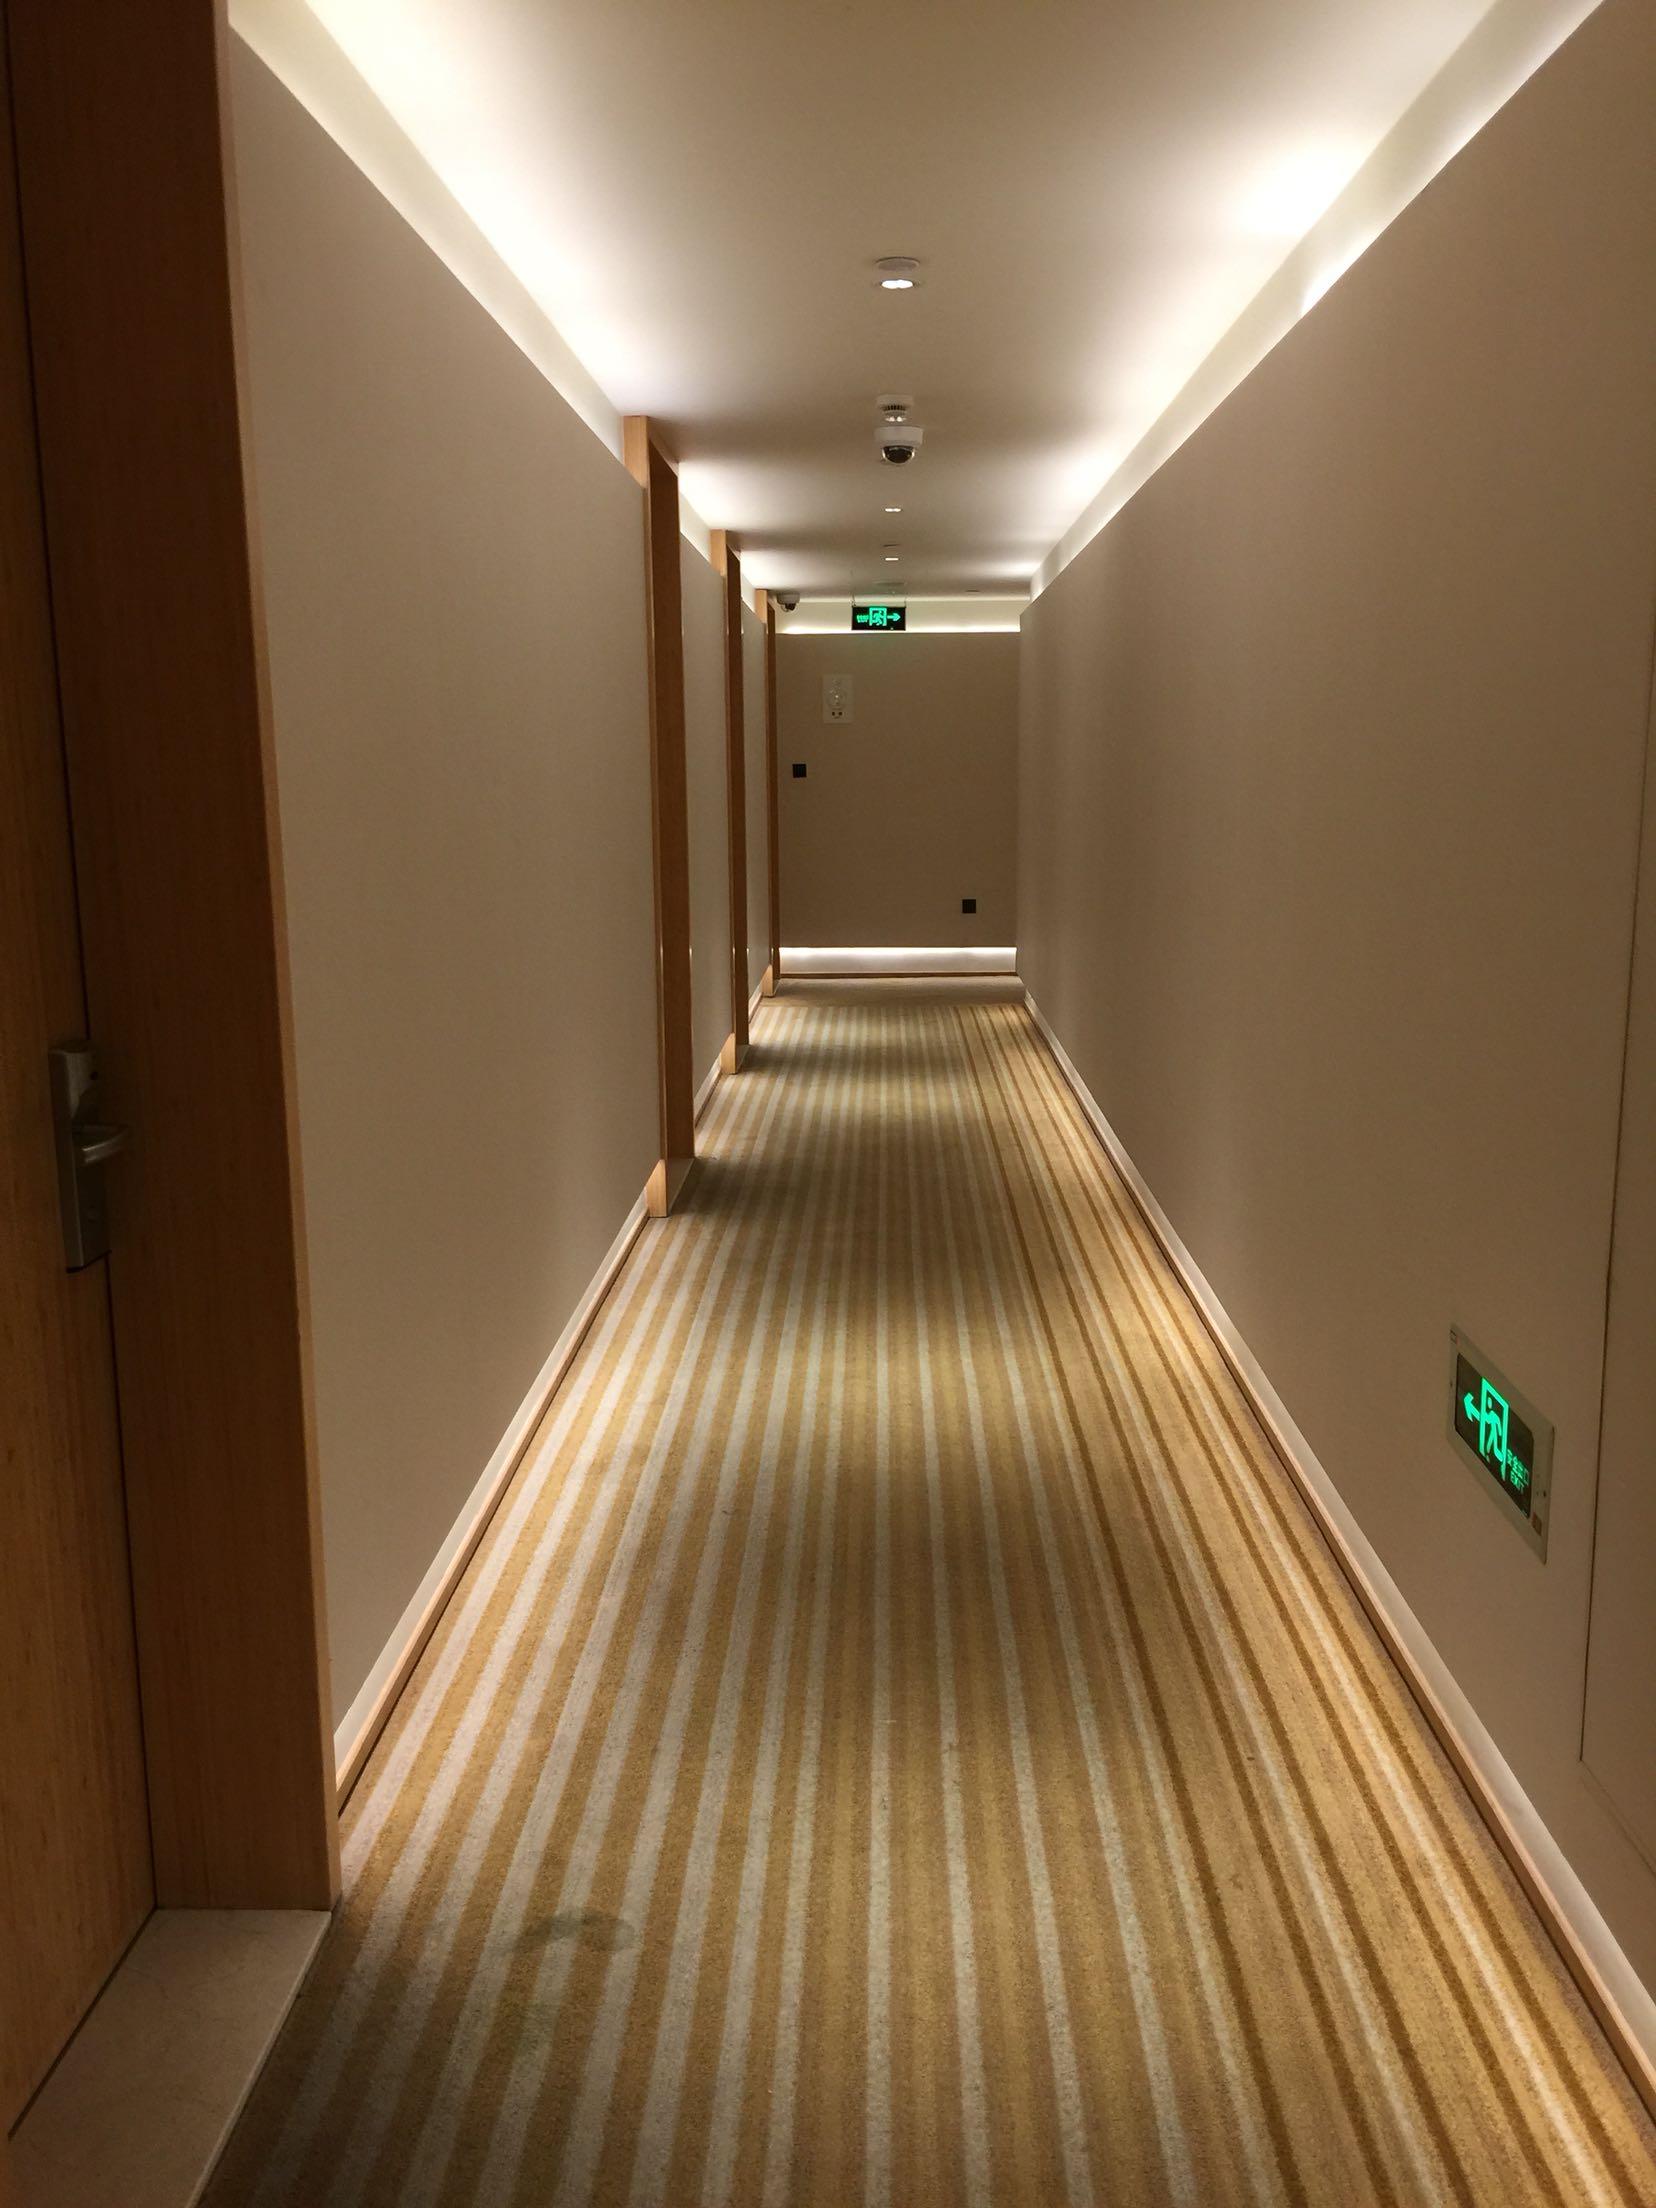 全季酒店(上海外滩天潼路店)预订_全季酒店(上